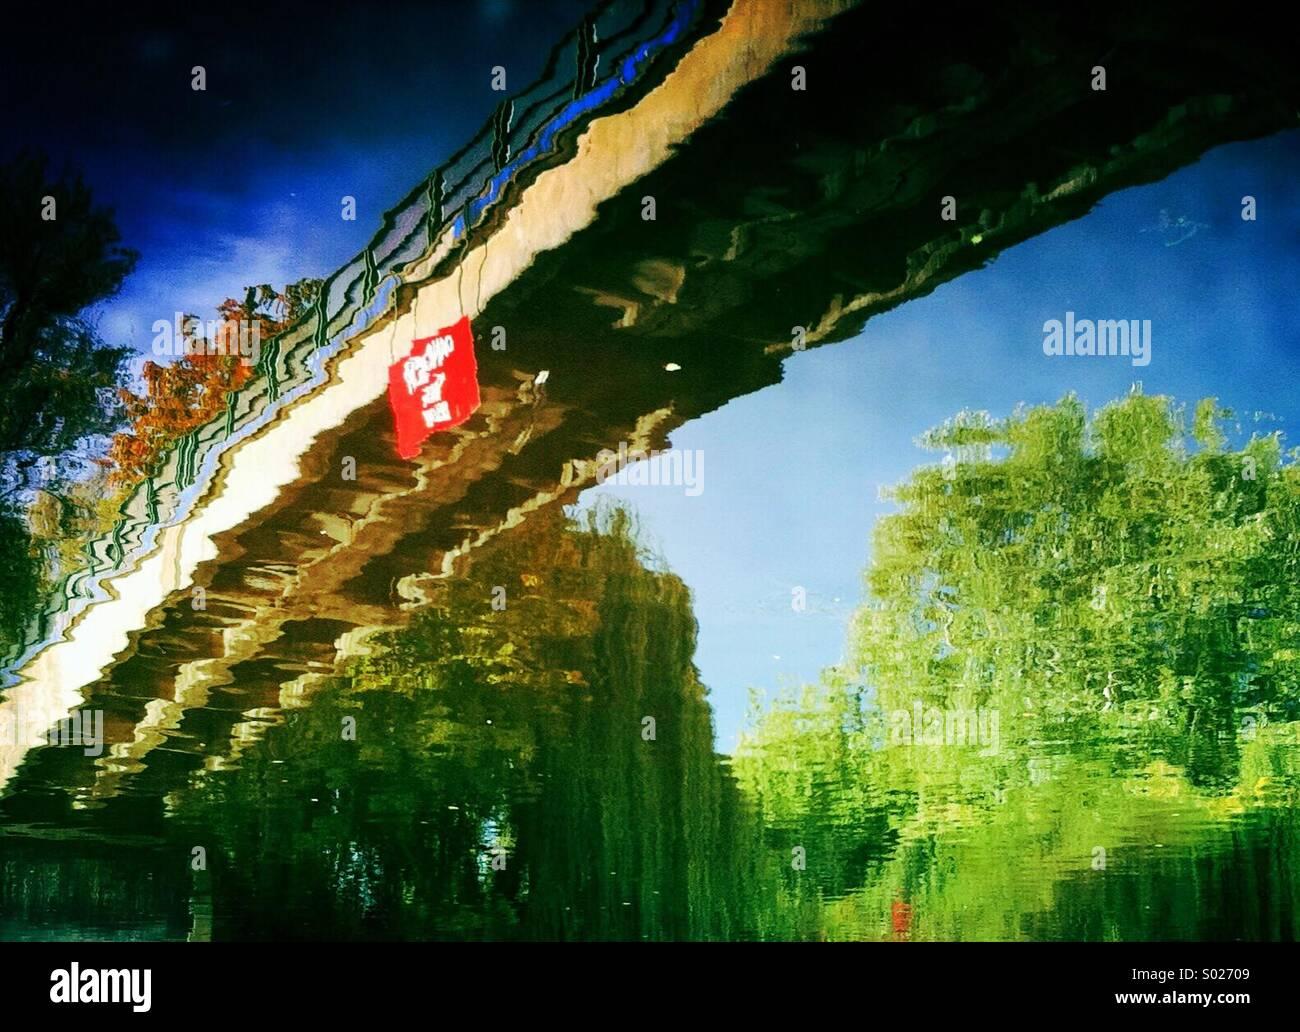 Brücke-Spiegelung im Wasser Stockbild